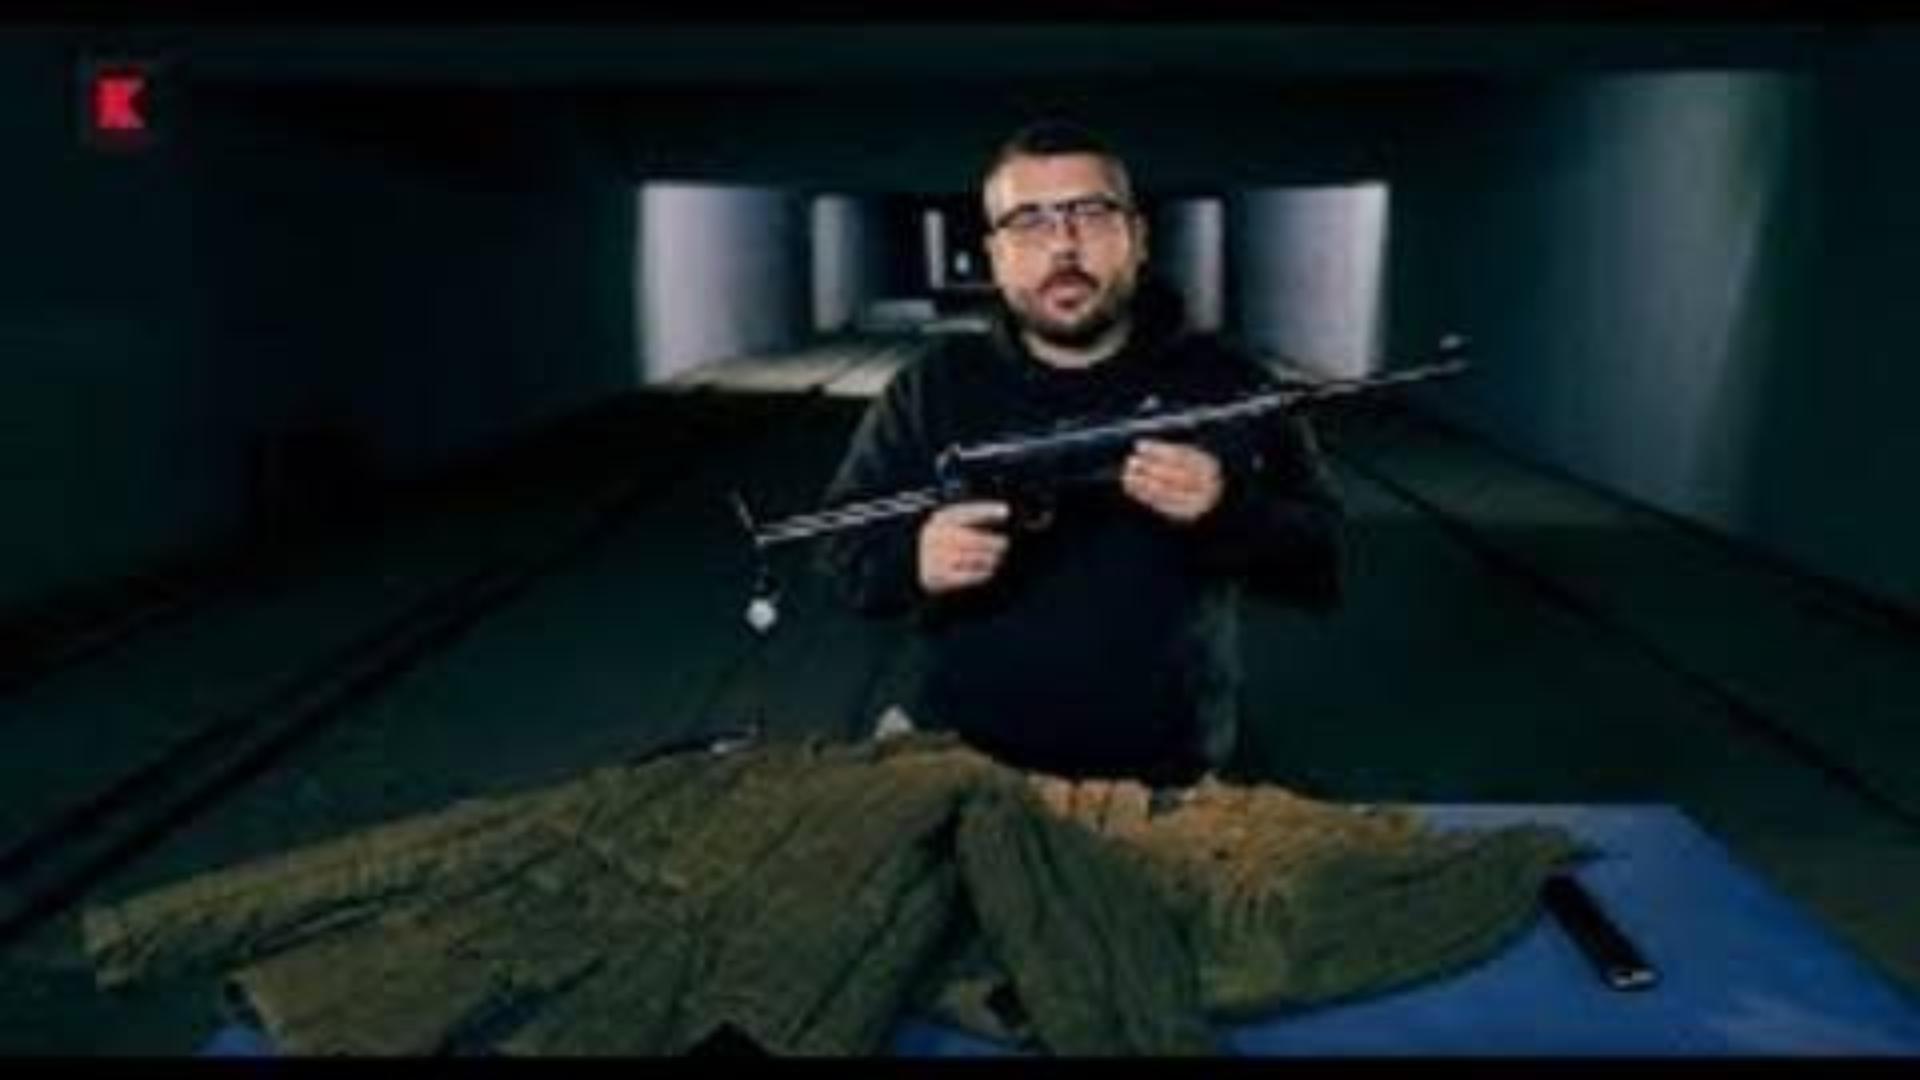 【搬运/已加工字幕】苏联红军的军大衣能挡住MP40的子弹吗?